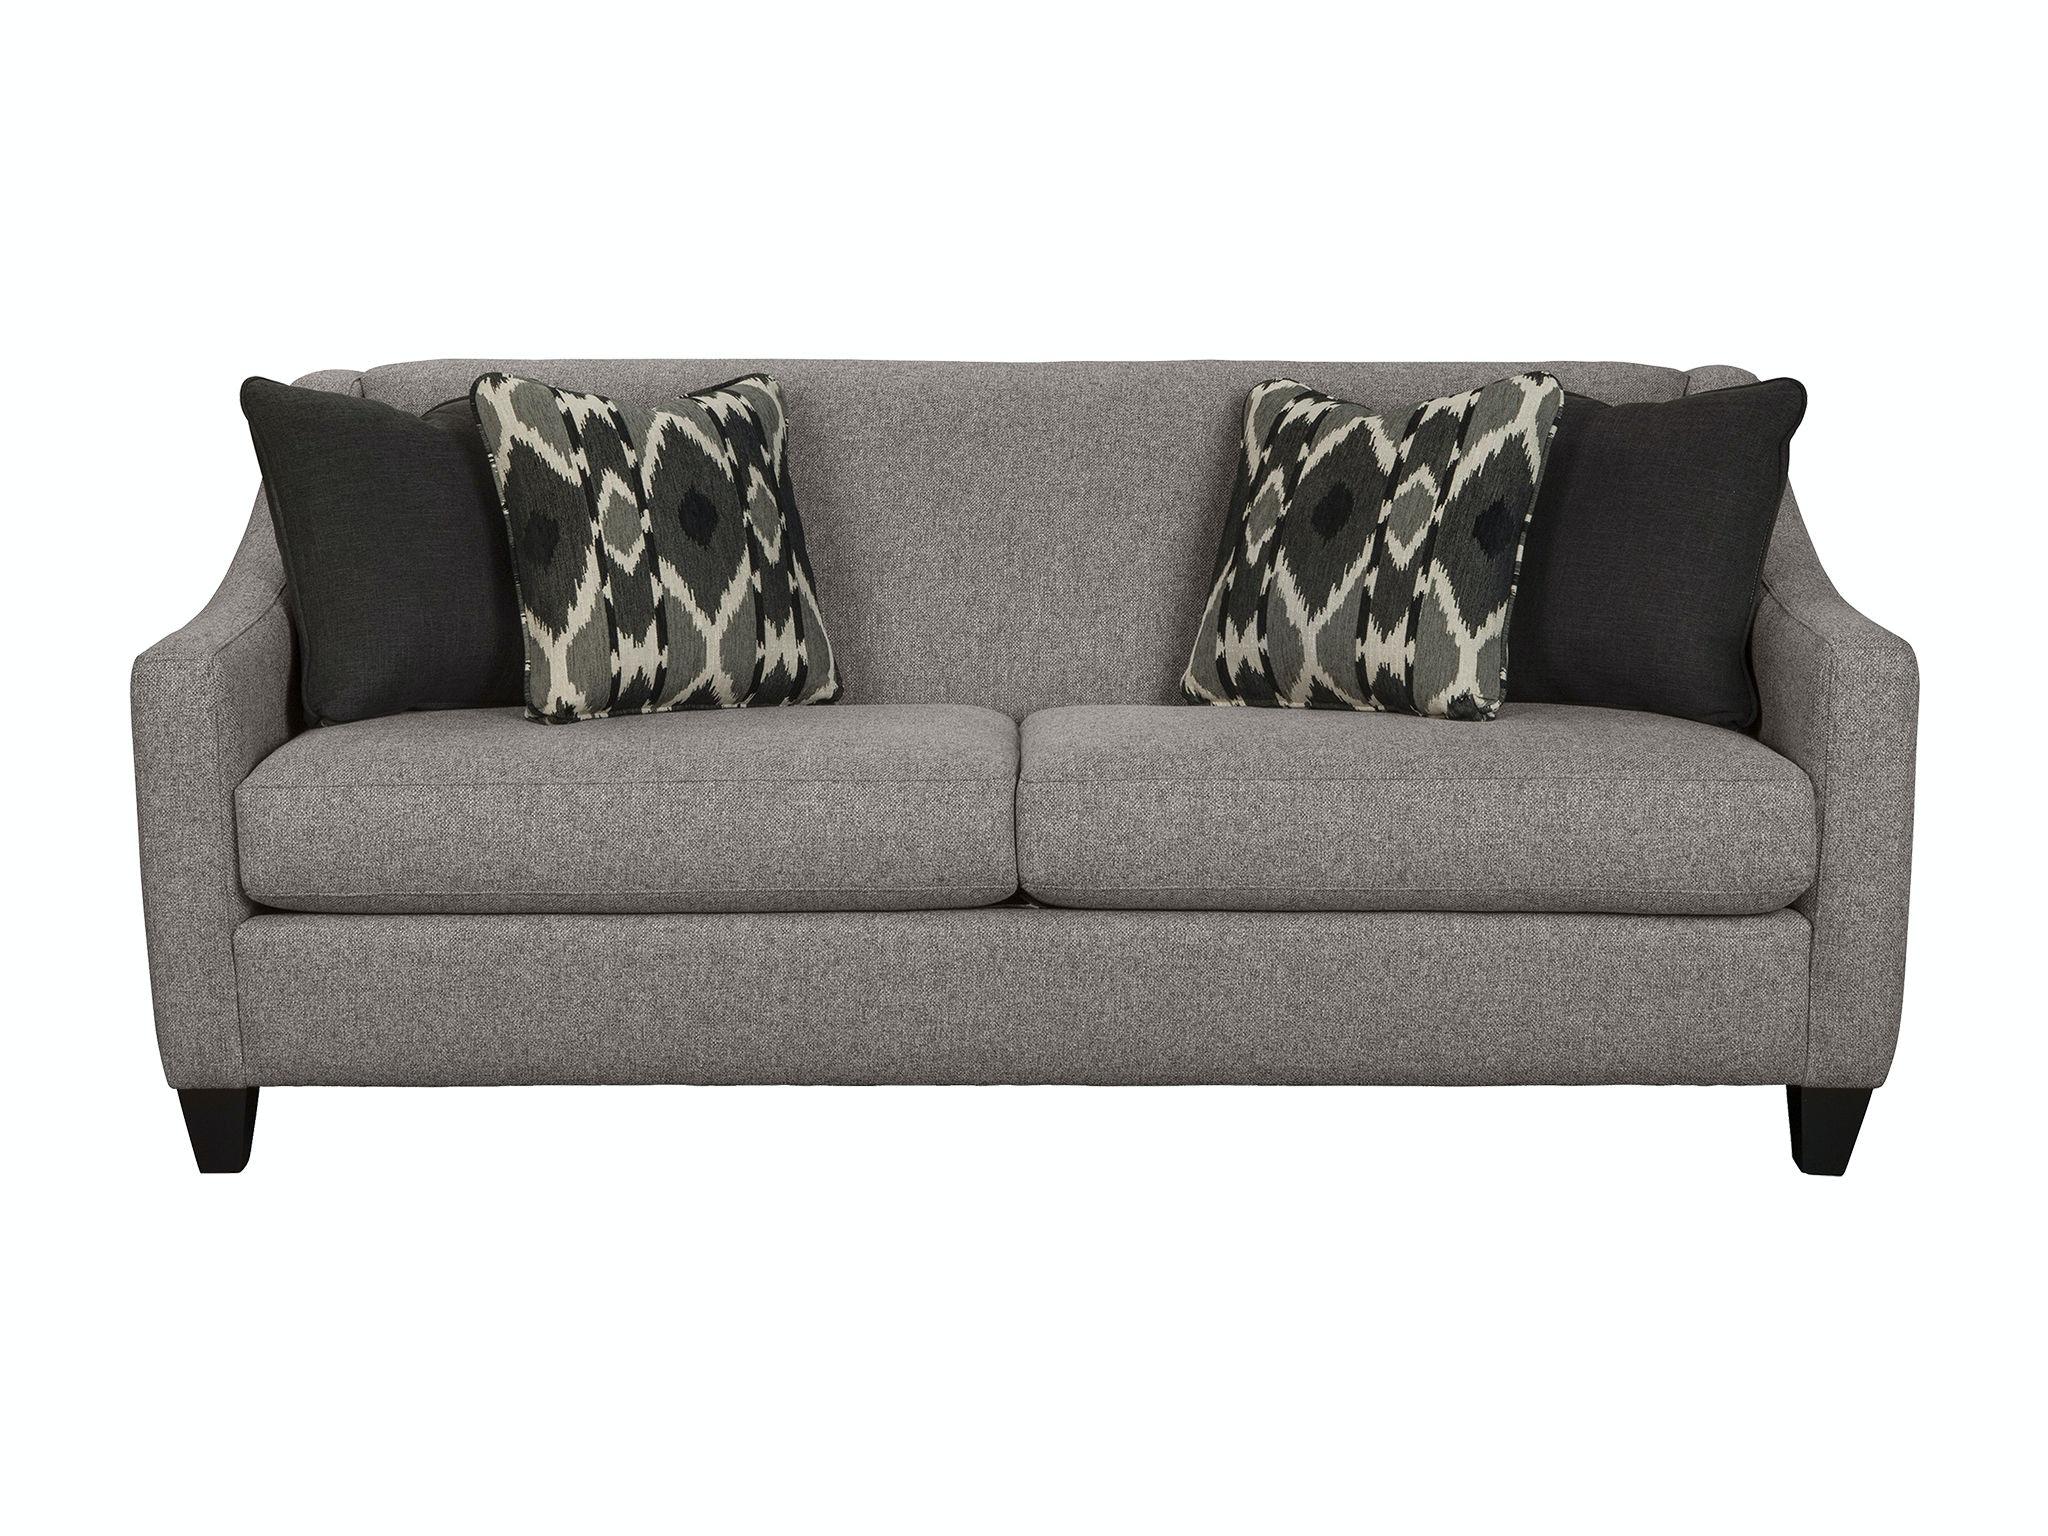 Hickorycraft Living Room Sofa 776950